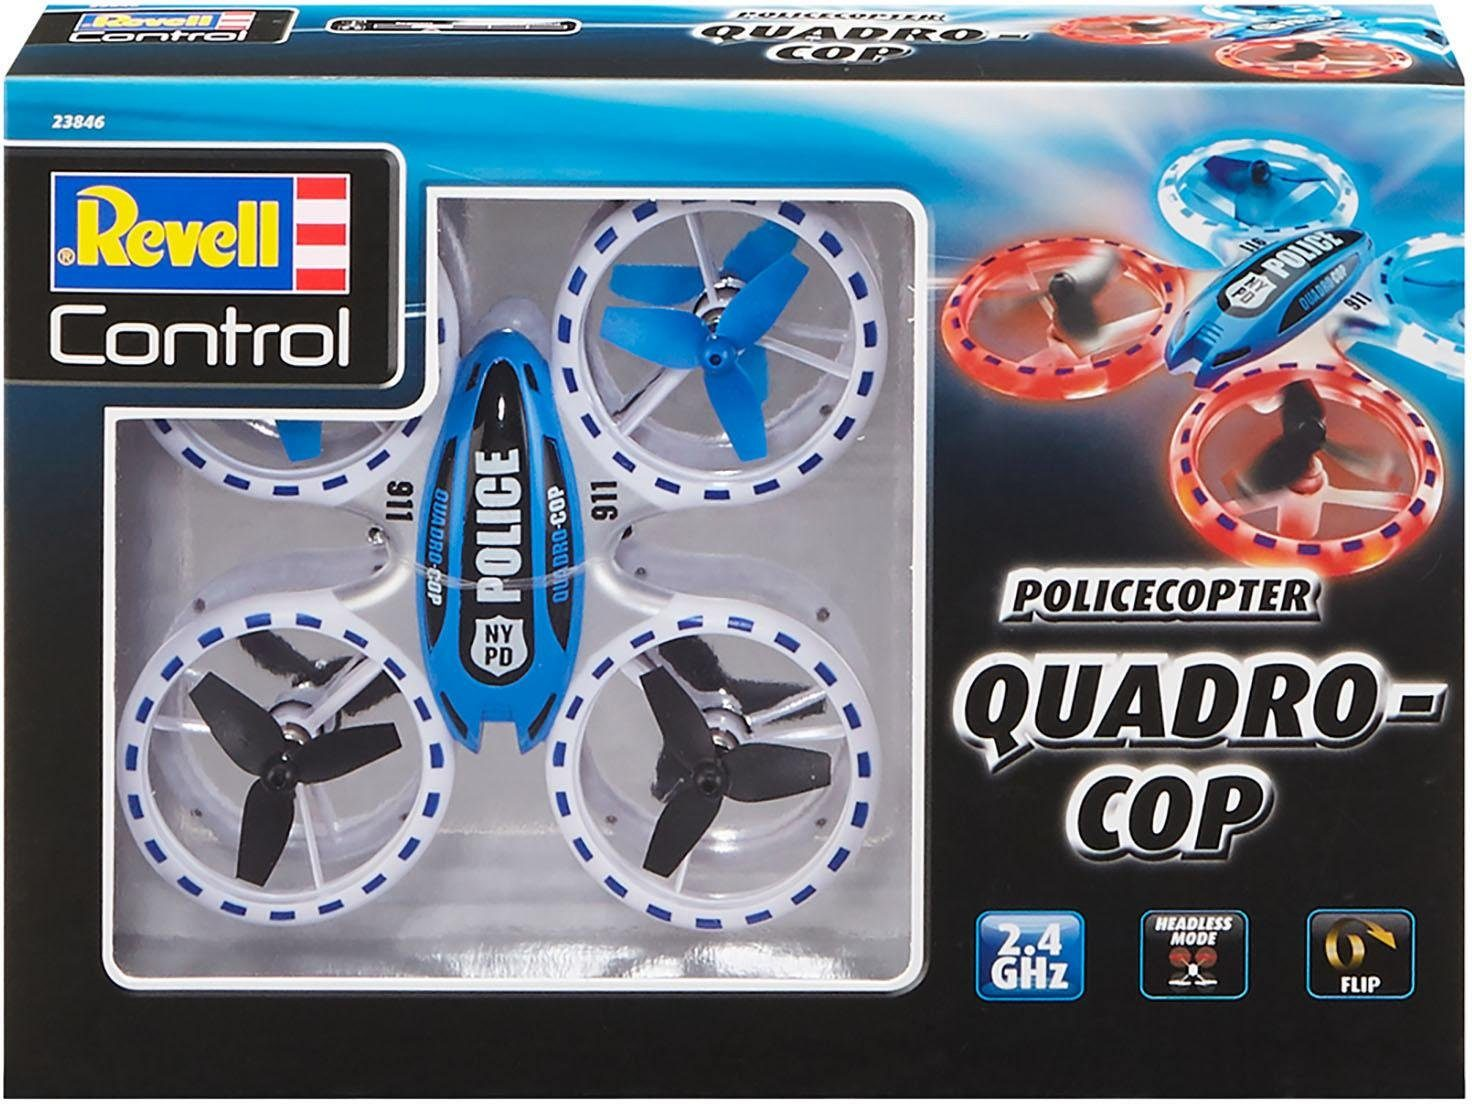 Revell RC Polizei Quadrocopter , »Revell® control, Quadro-Cop, 2,4 GHz«